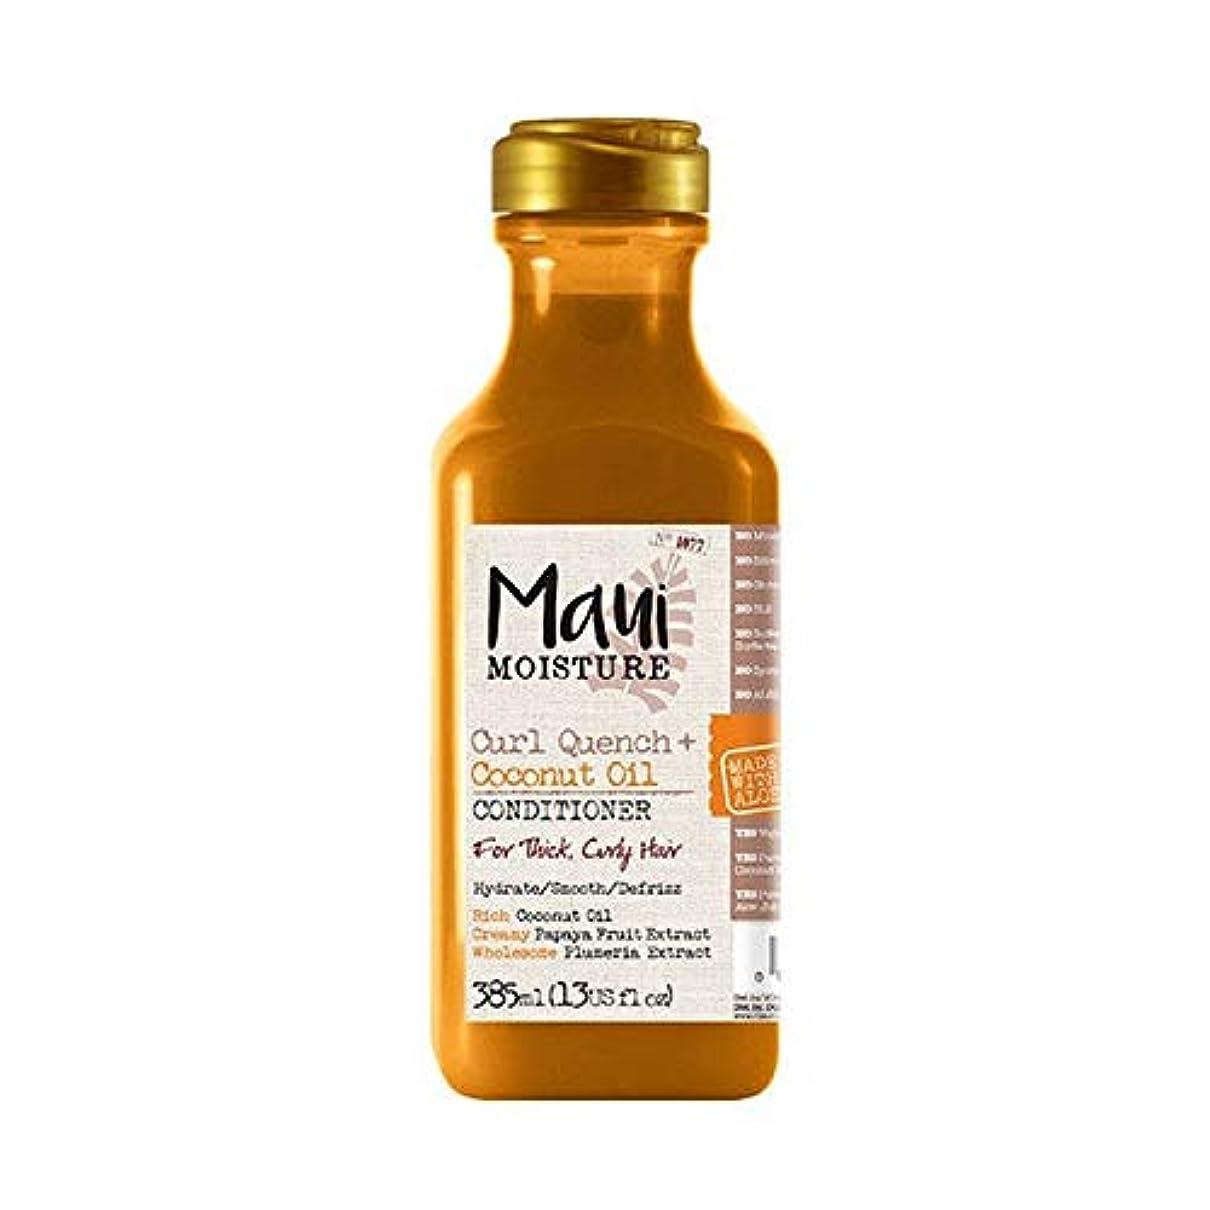 昨日適切に経由で[Maui Moisture ] マウイ水分カールクエンチ+ココナッツオイルコンディショナー - Maui Moisture Curl Quench + Coconut Oil Conditioner [並行輸入品]